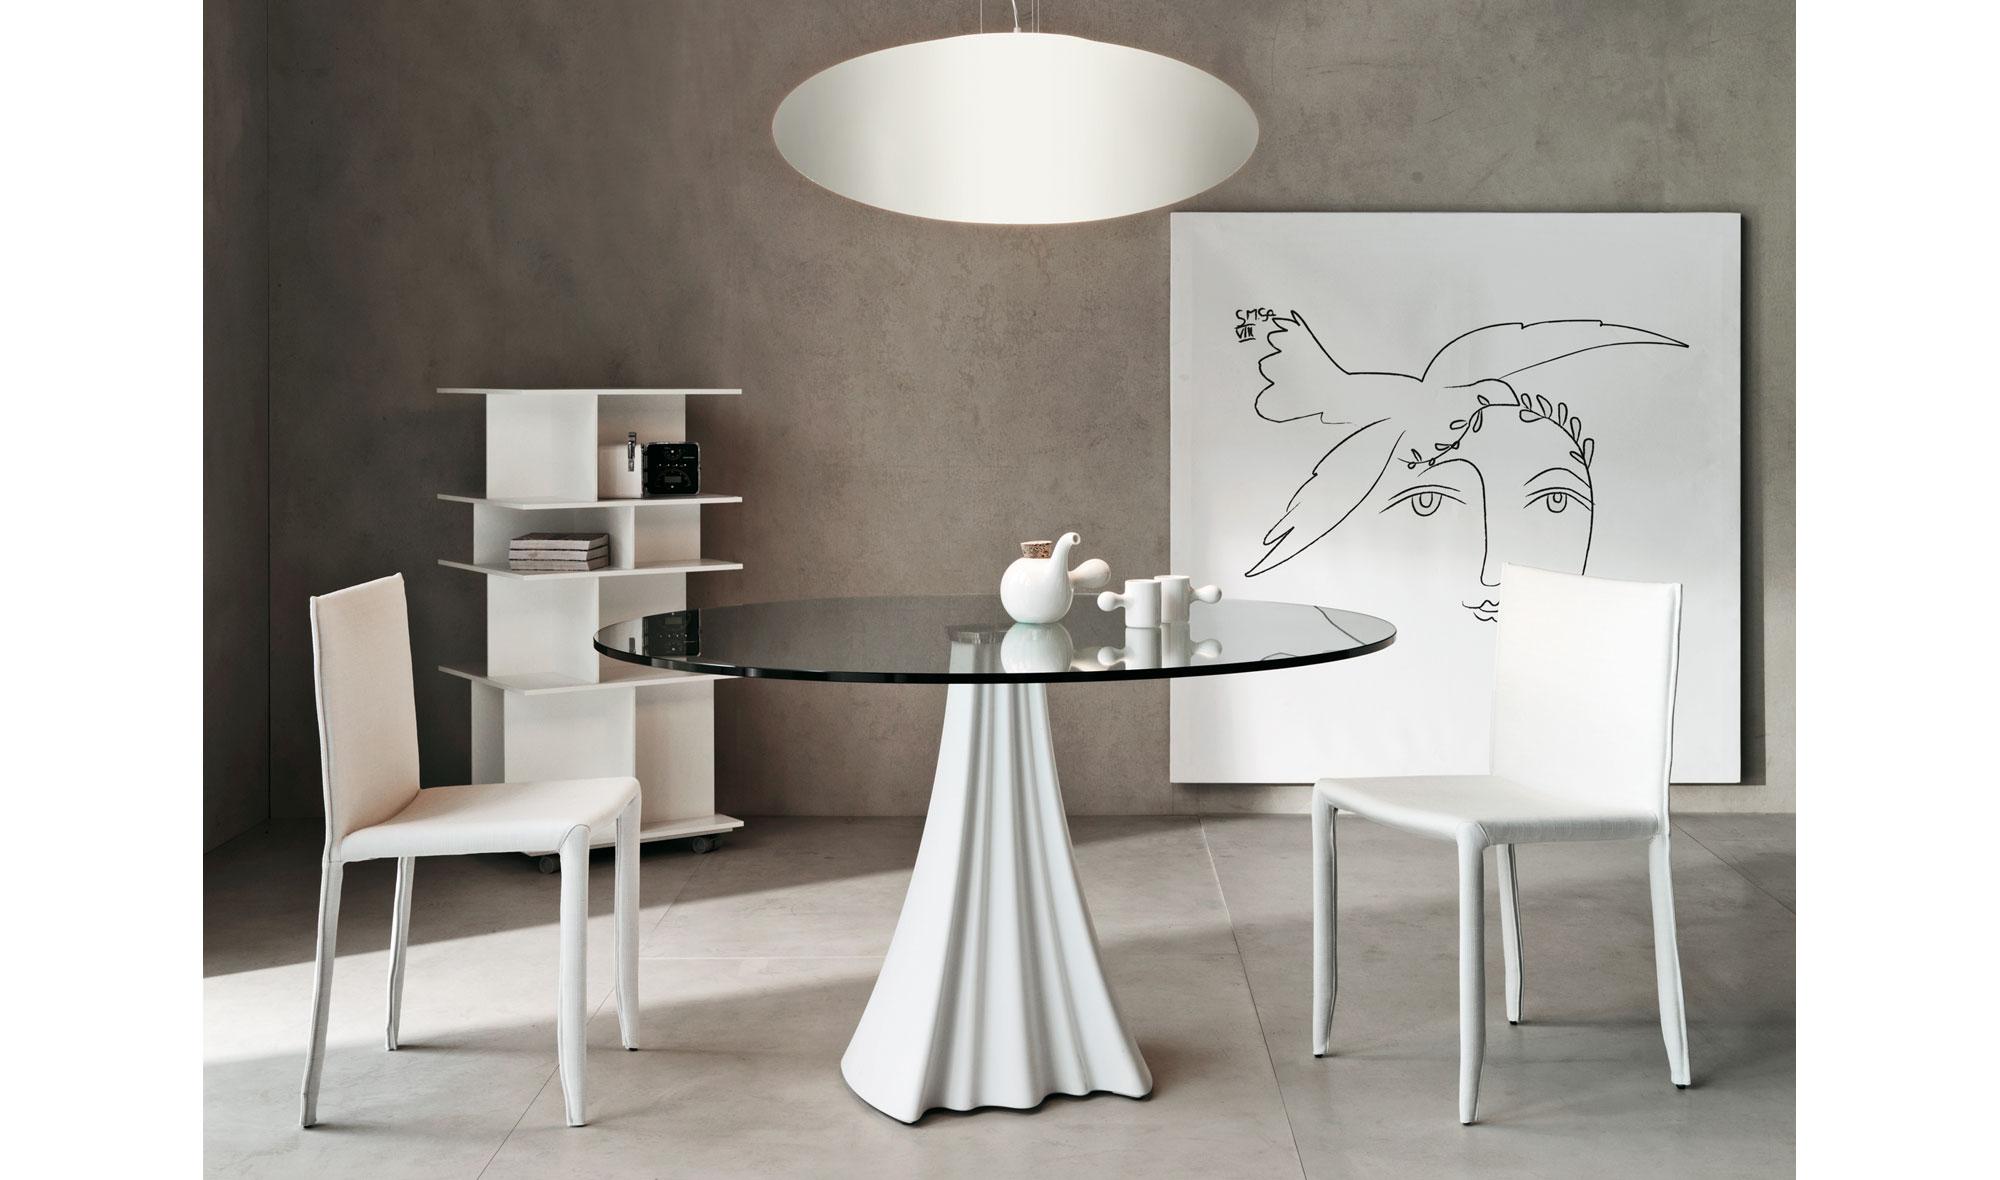 Mesa de comedor redonda moderna sipario no disponible en for Mesas redondas modernas comedor